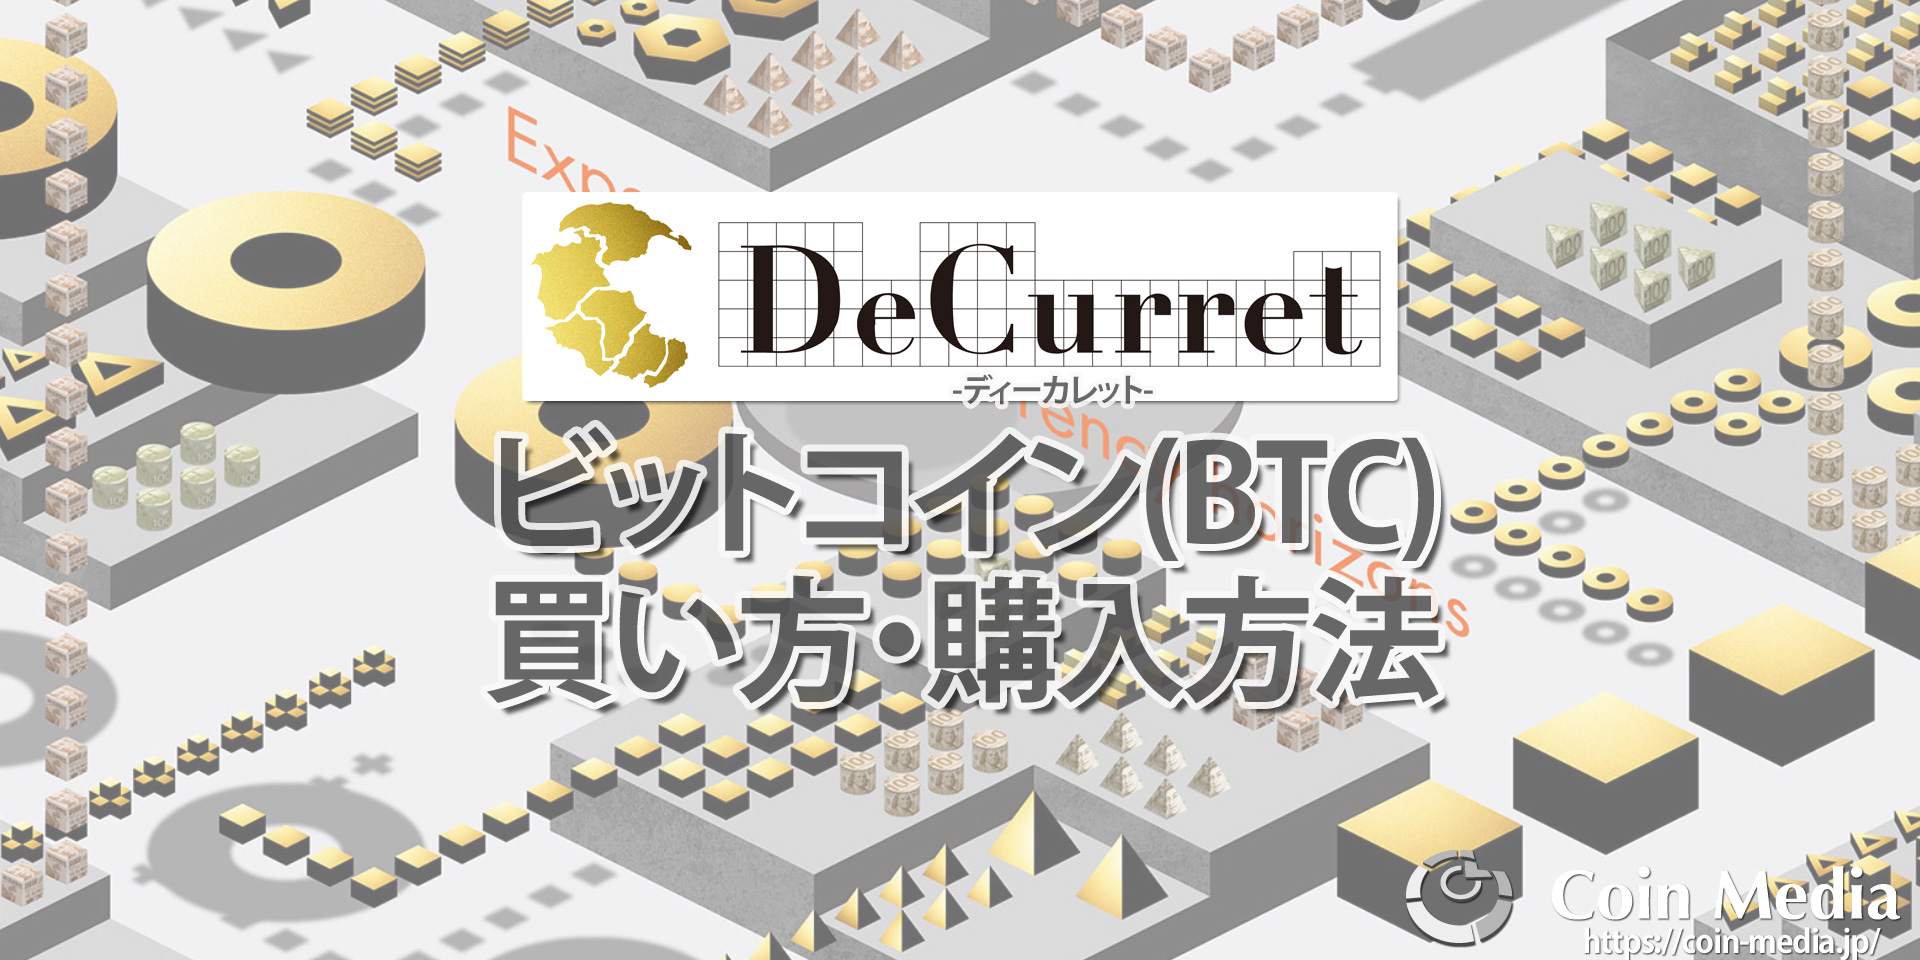 ディーカレットビットコイン(BTC)買い方・購入方法